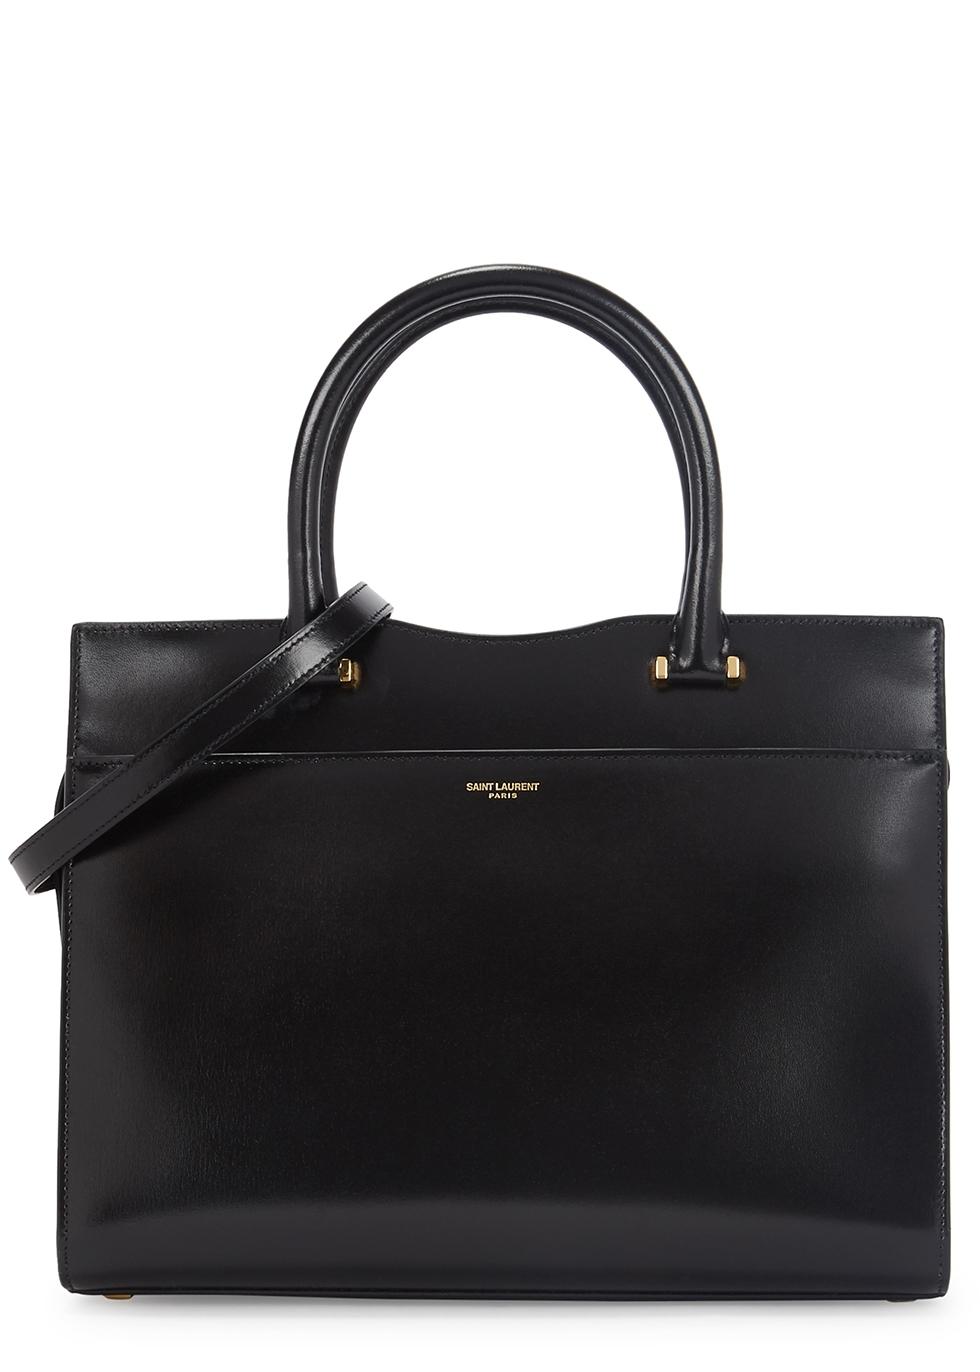 83a4c7a90c72 Saint Laurent Bags - Womens - Harvey Nichols